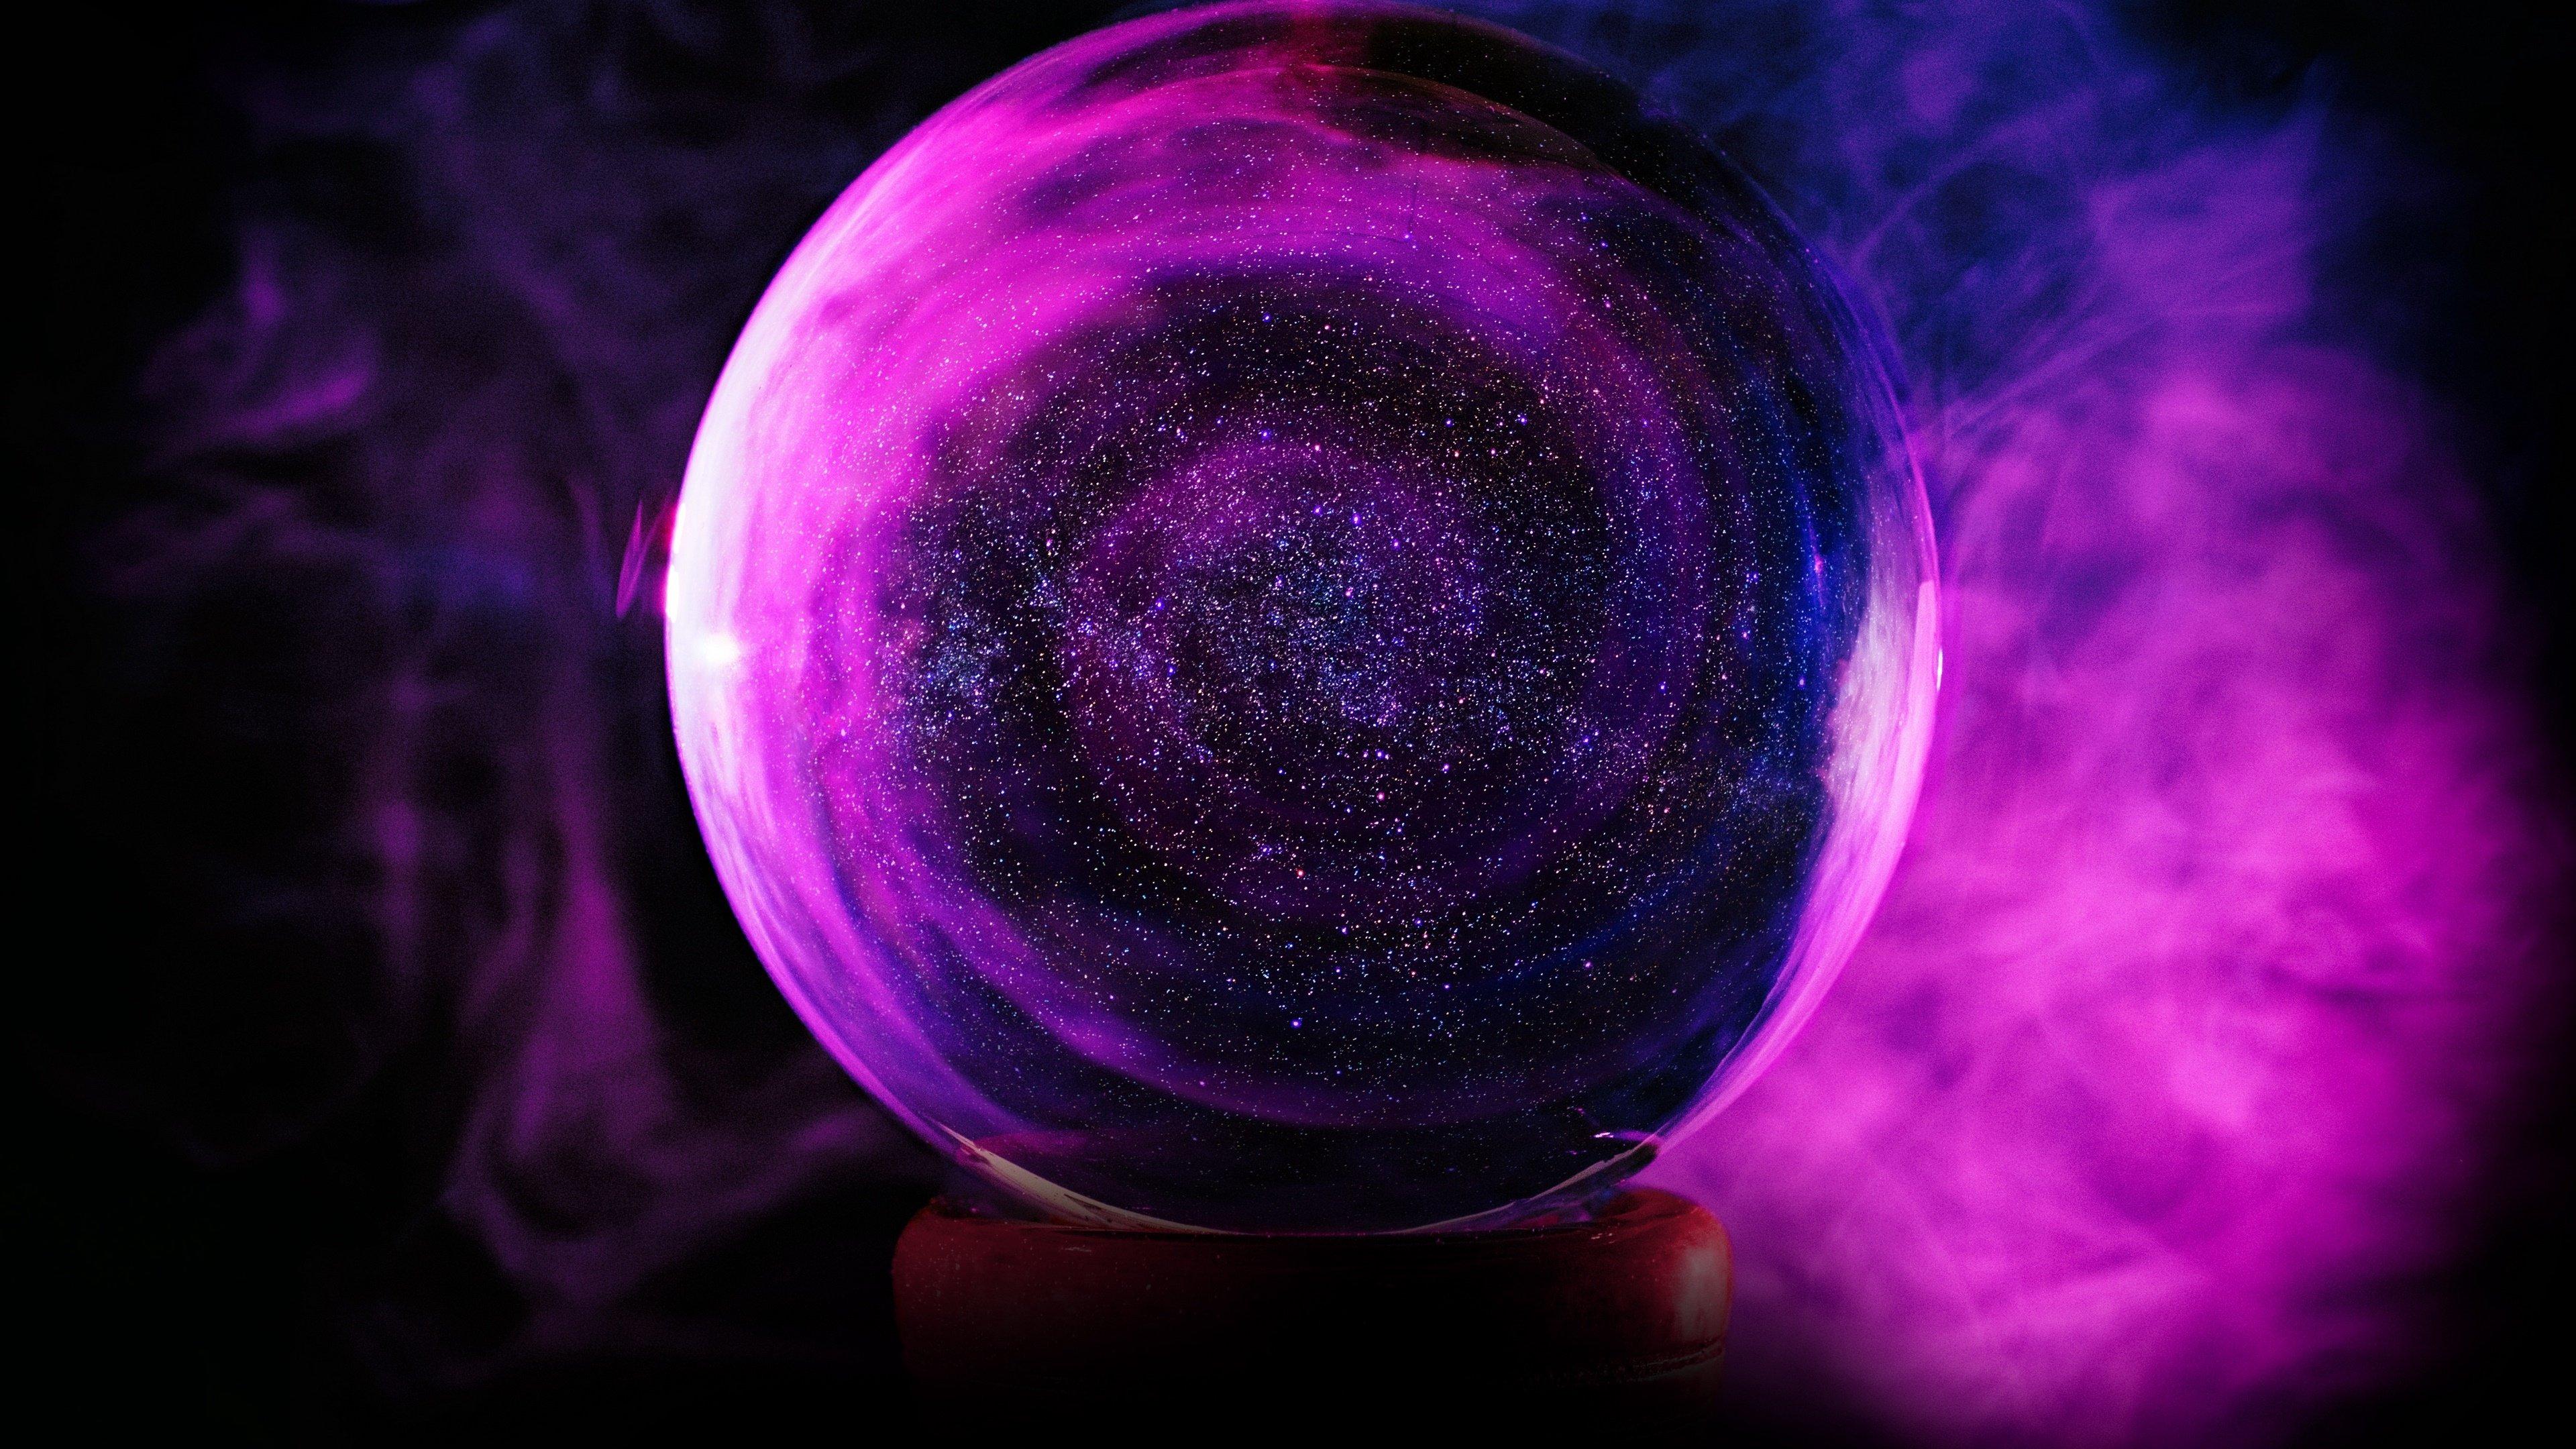 Fondos de pantalla Esfera de cristal rosa